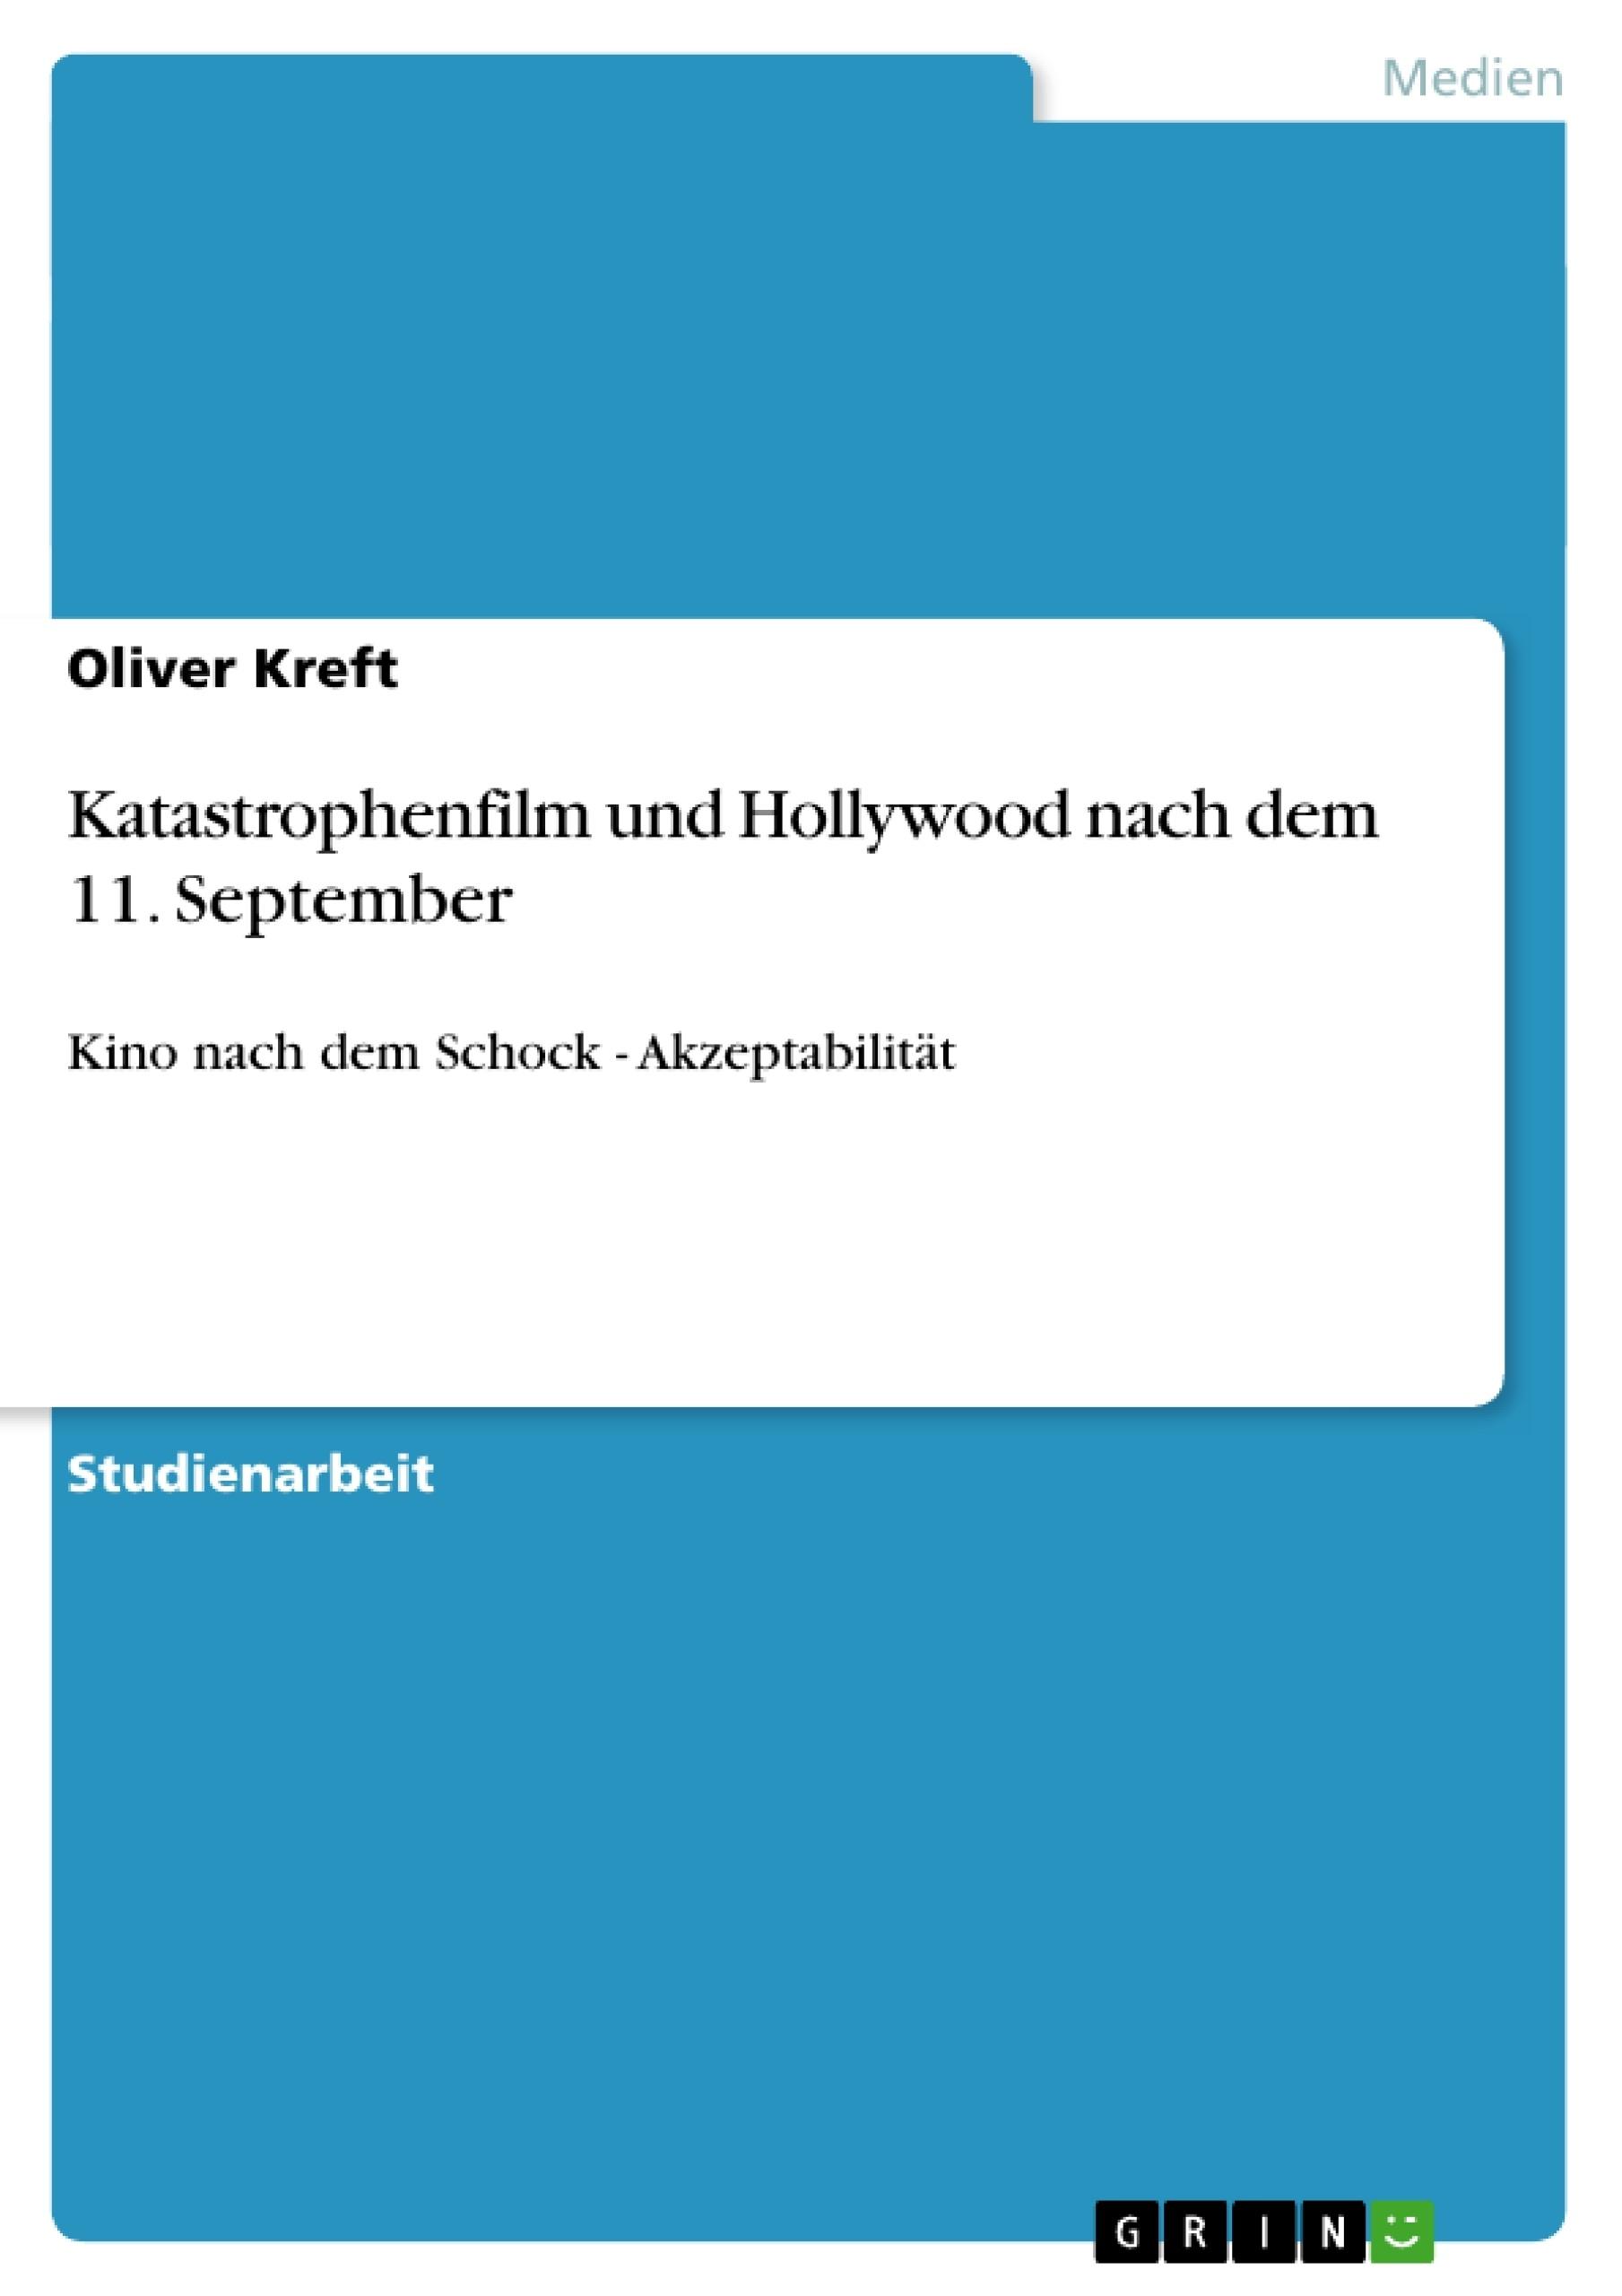 Titel: Katastrophenfilm und Hollywood nach dem 11. September